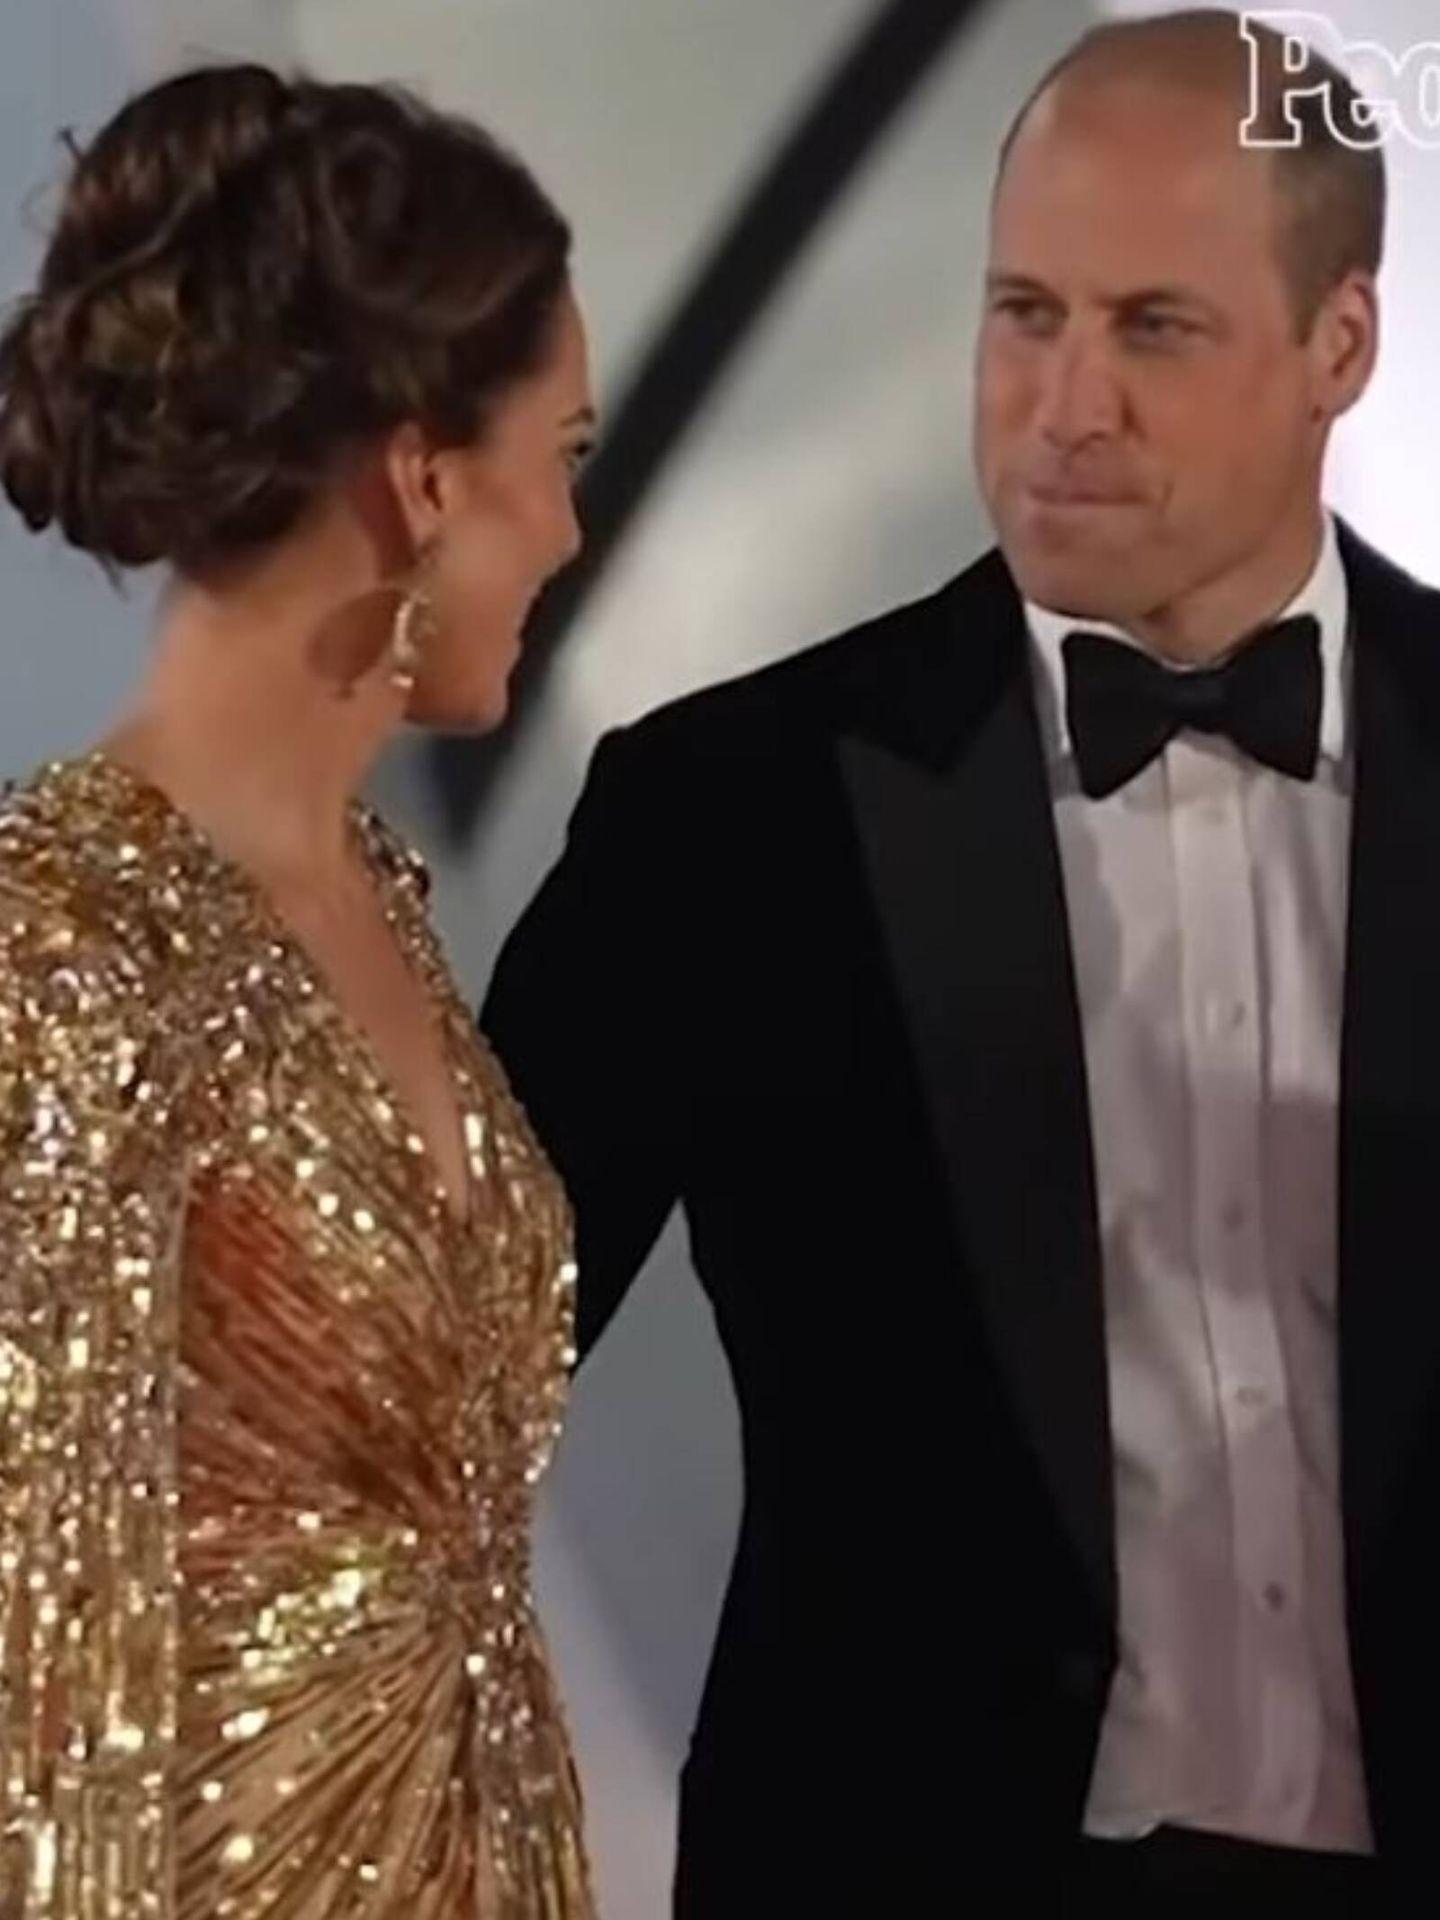 Detalle del vídeo de Kate Middleton y el príncipe Guillermo. (Instagram @people)